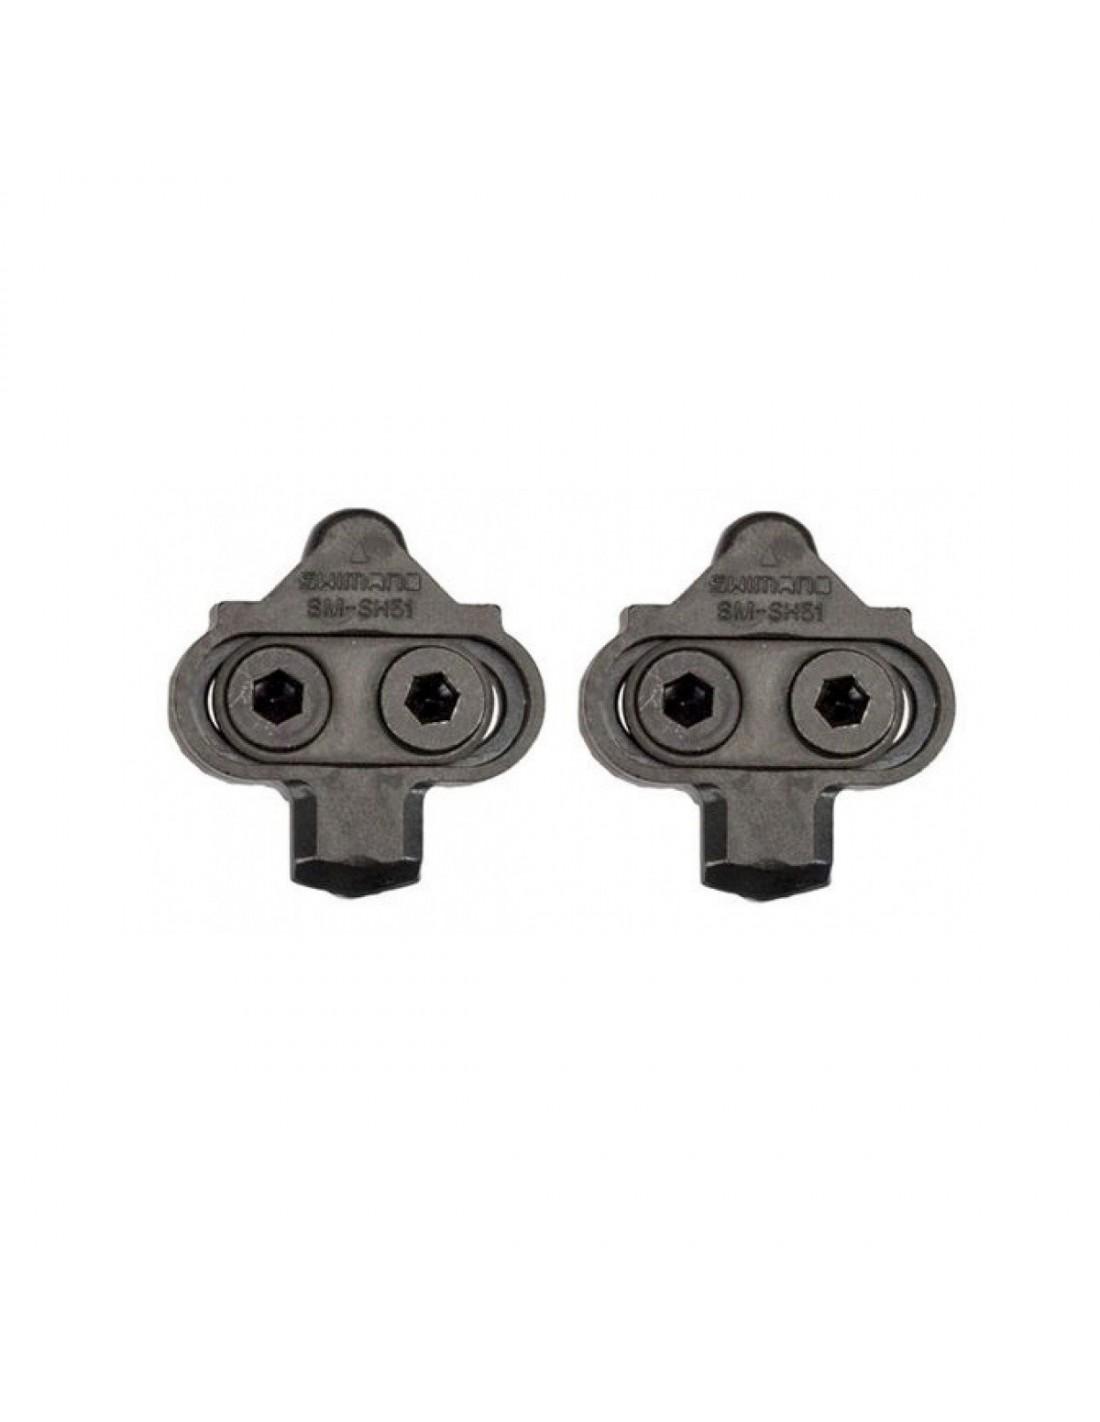 Diverse tilbehør Shimano Cleats SM-SG51 U/Plate Y42498201 149 kr